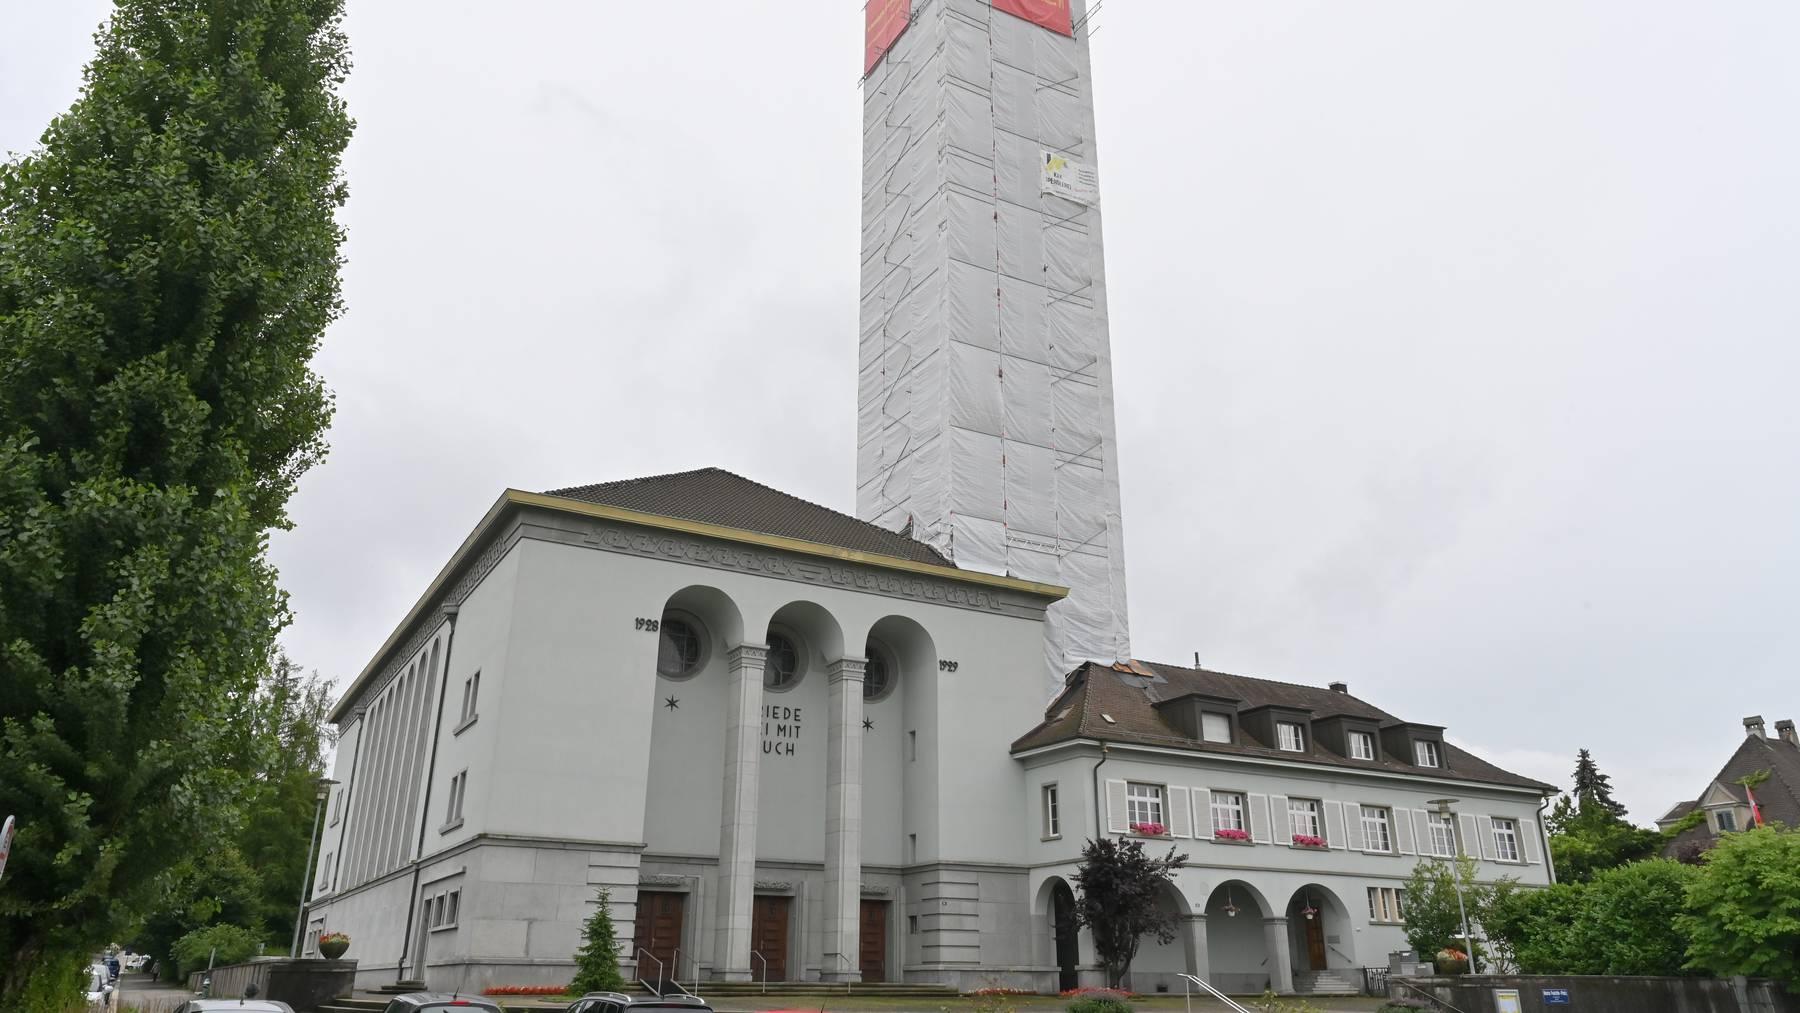 Einschusslöcher in der Friedenskirche Olten